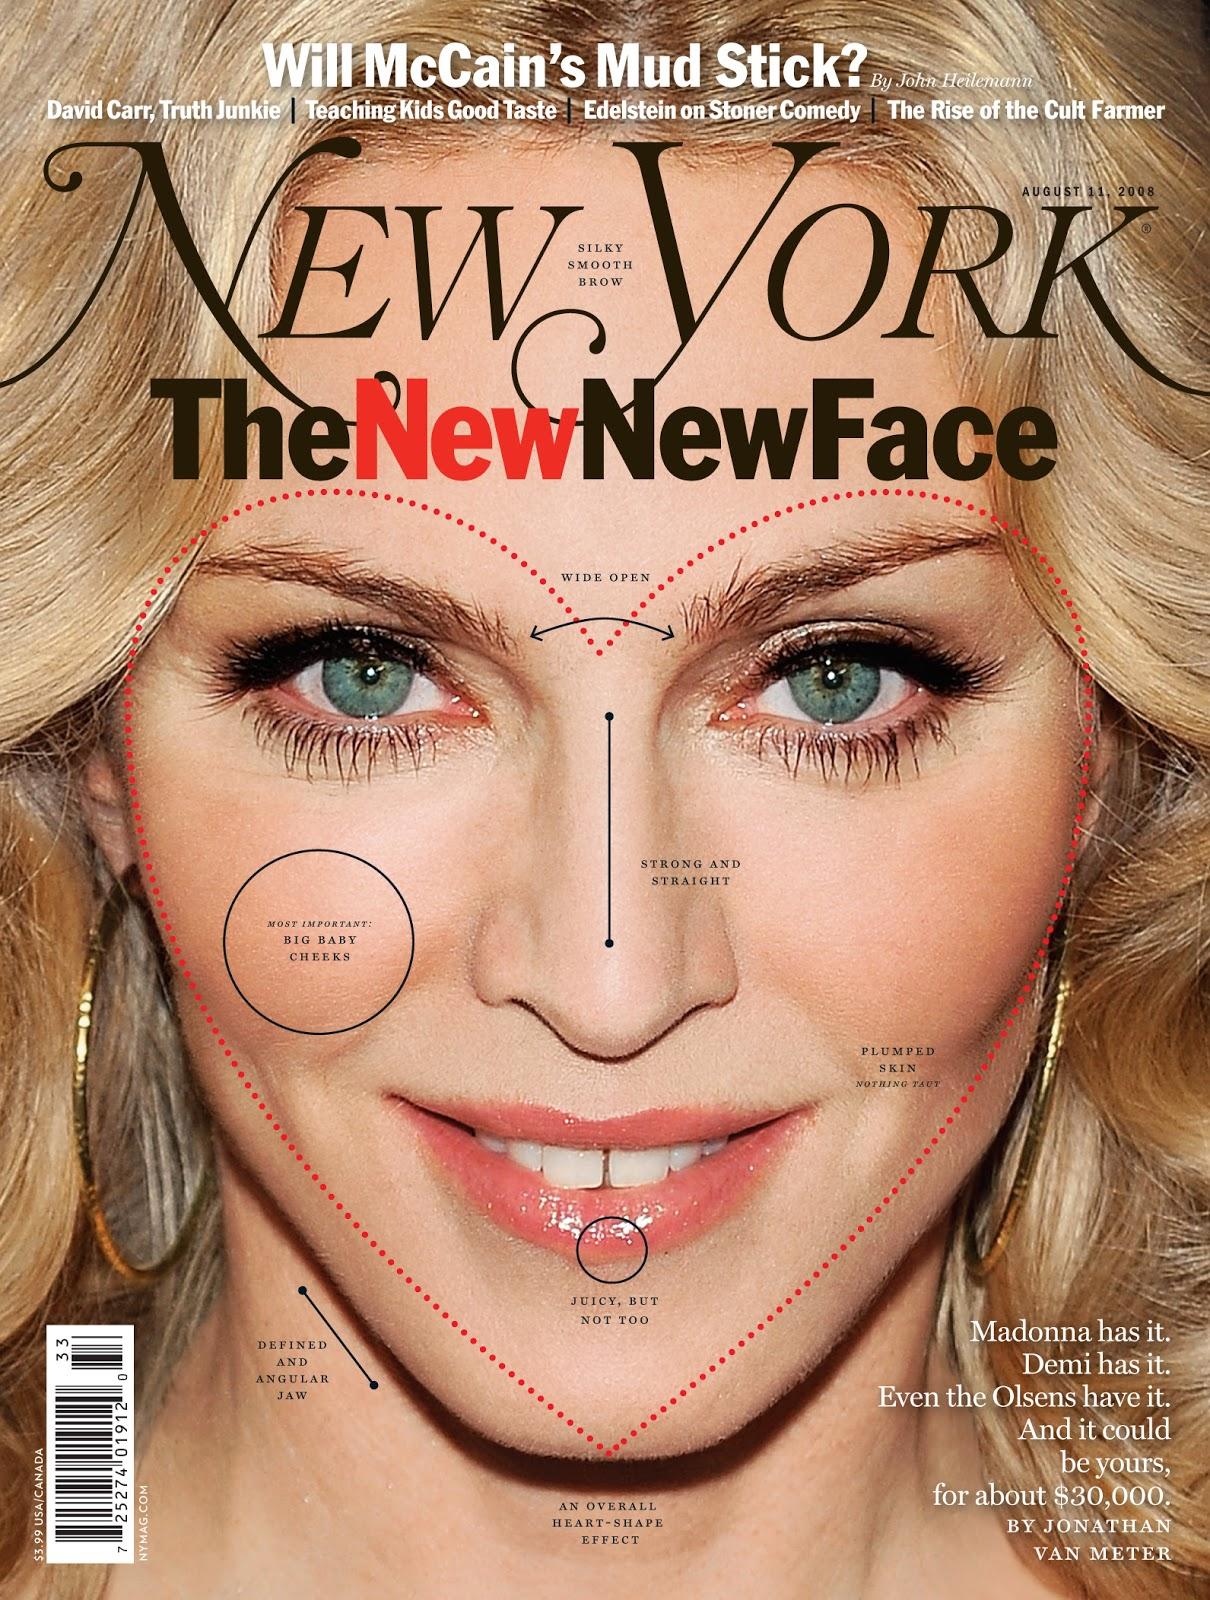 http://3.bp.blogspot.com/-ufFLVvOw4iI/UHt_7n4EY8I/AAAAAAAAAdQ/_Sh9pvjAWIo/s1600/Celebrity-Facelift-Madonna.jpg